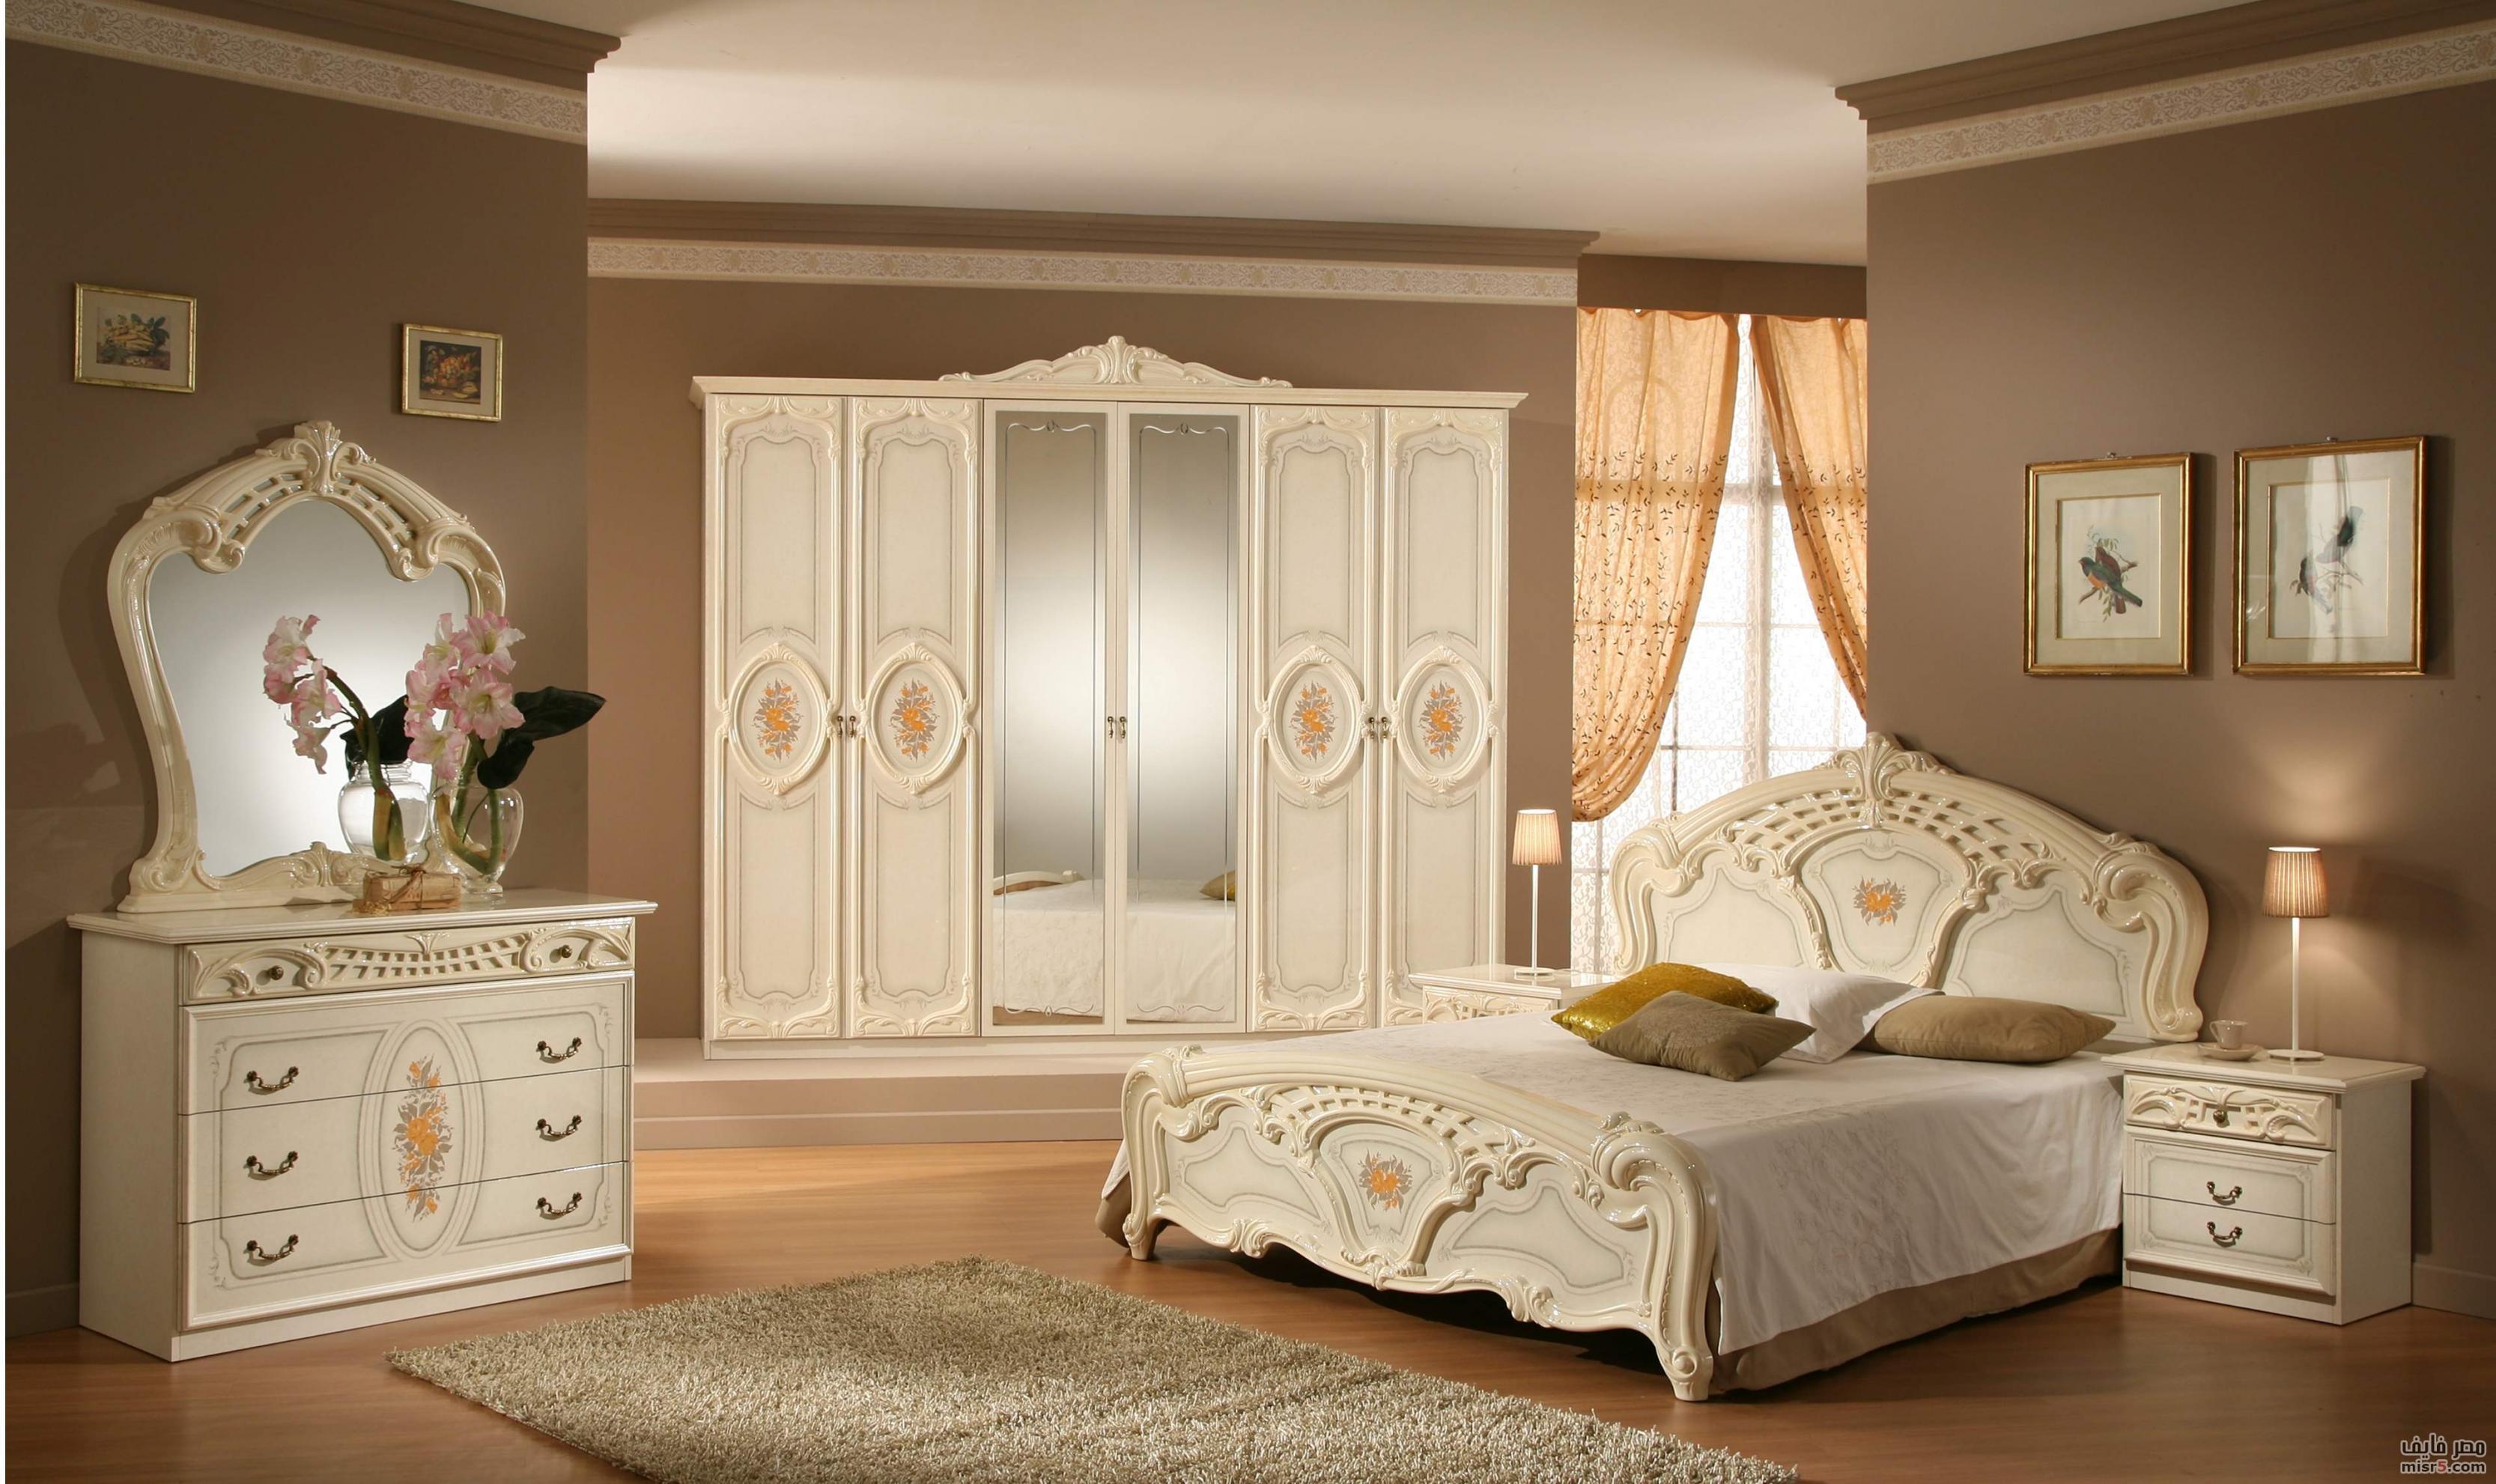 بالصور صور غرف نوم , بسرعة نام واتهني في حجراتك 1832 1